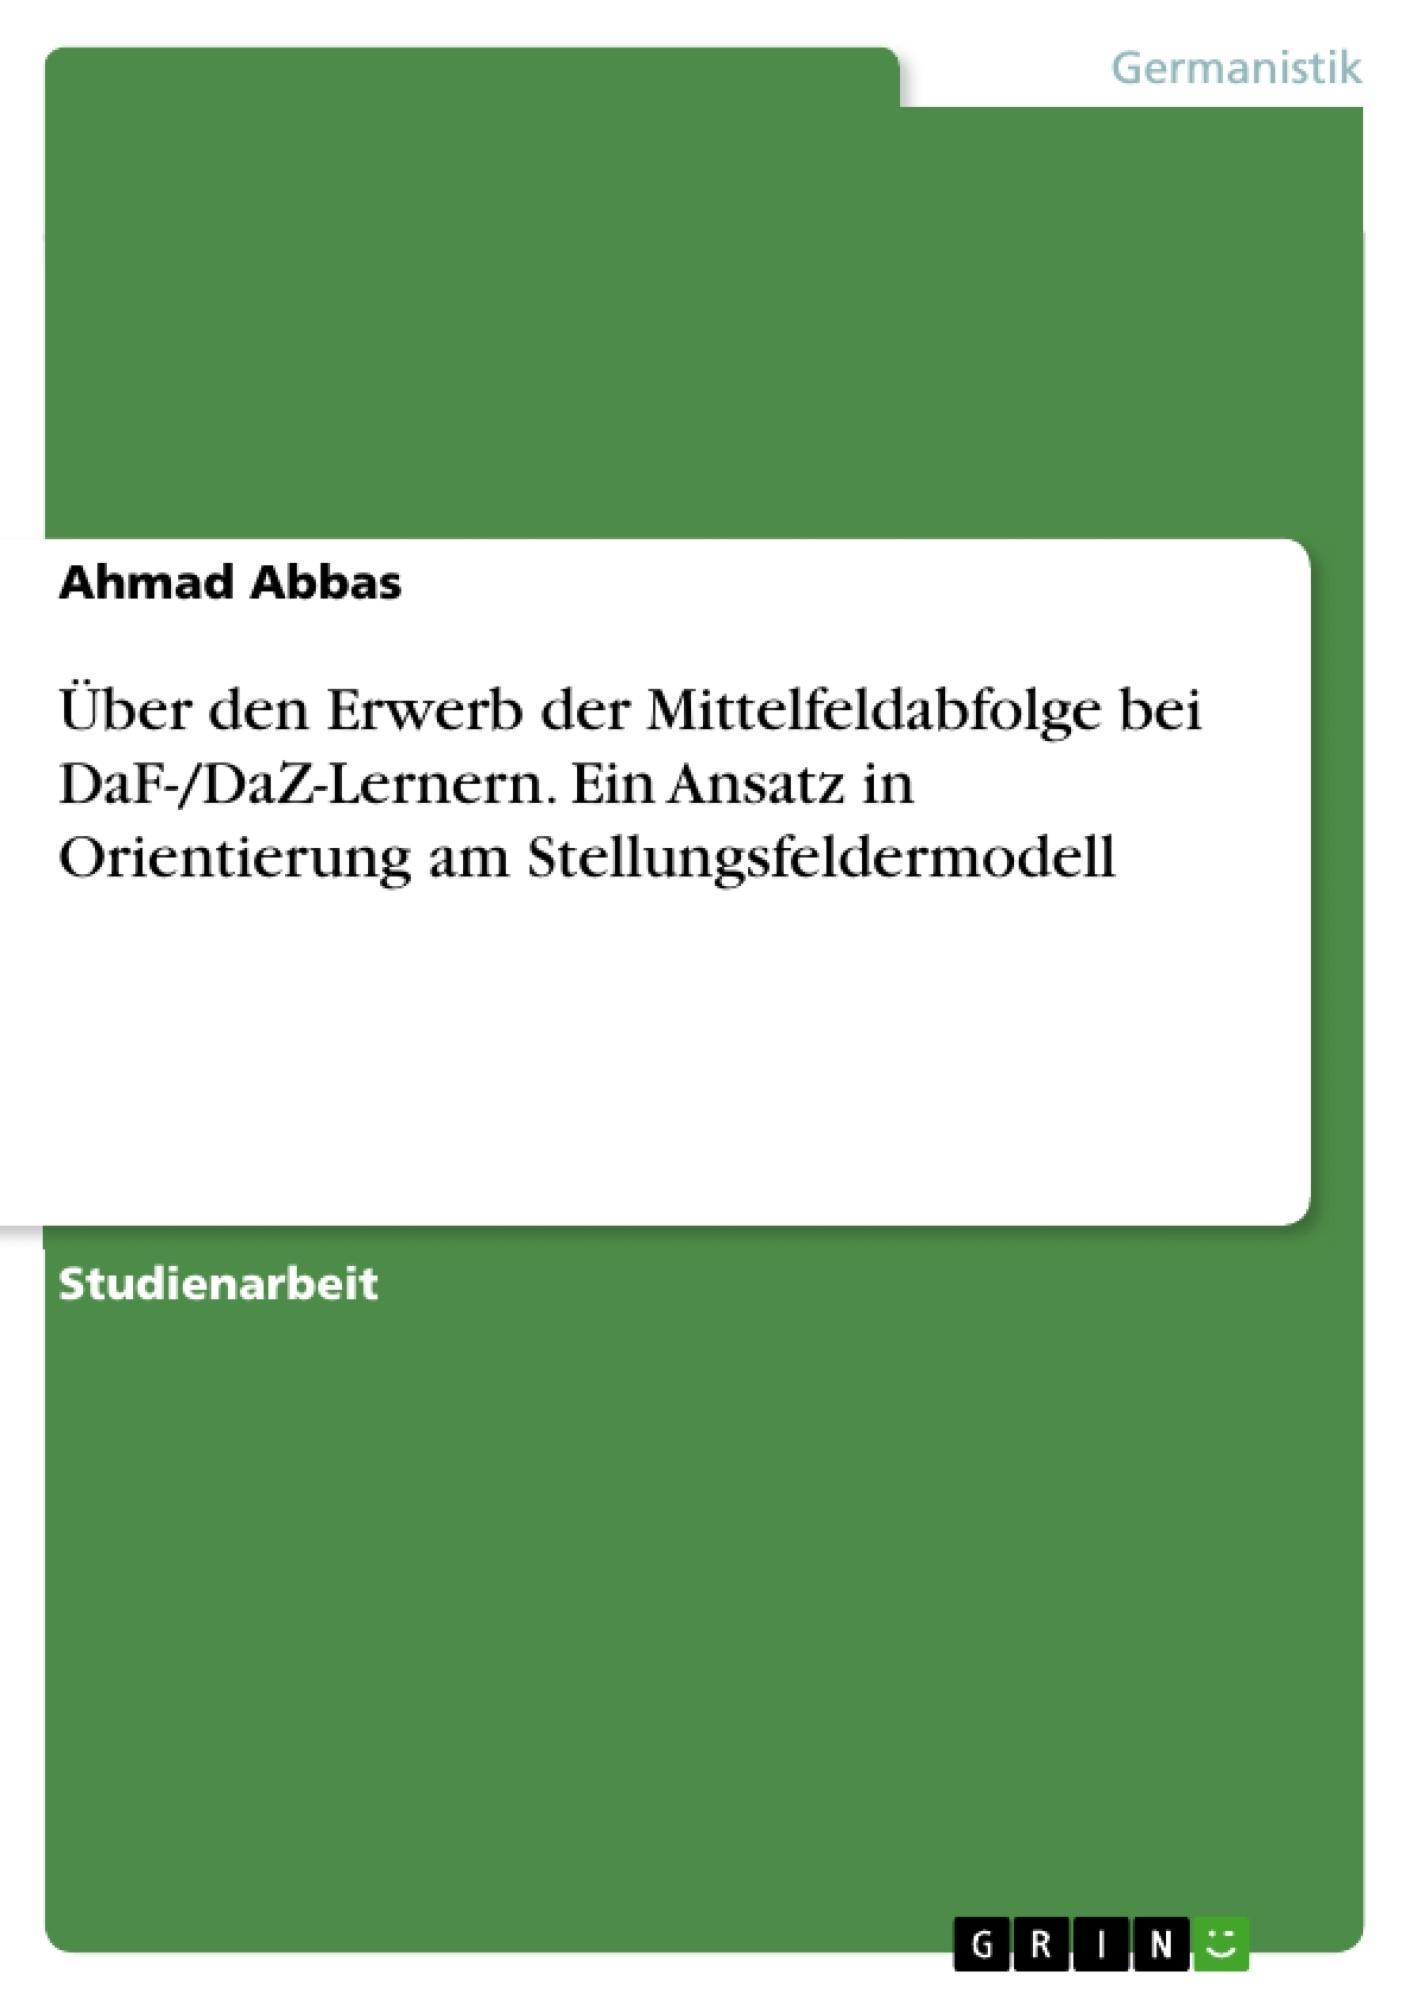 Titel: Über den Erwerb der Mittelfeldabfolge bei DaF-/DaZ-Lernern. Ein Ansatz in Orientierung am Stellungsfeldermodell